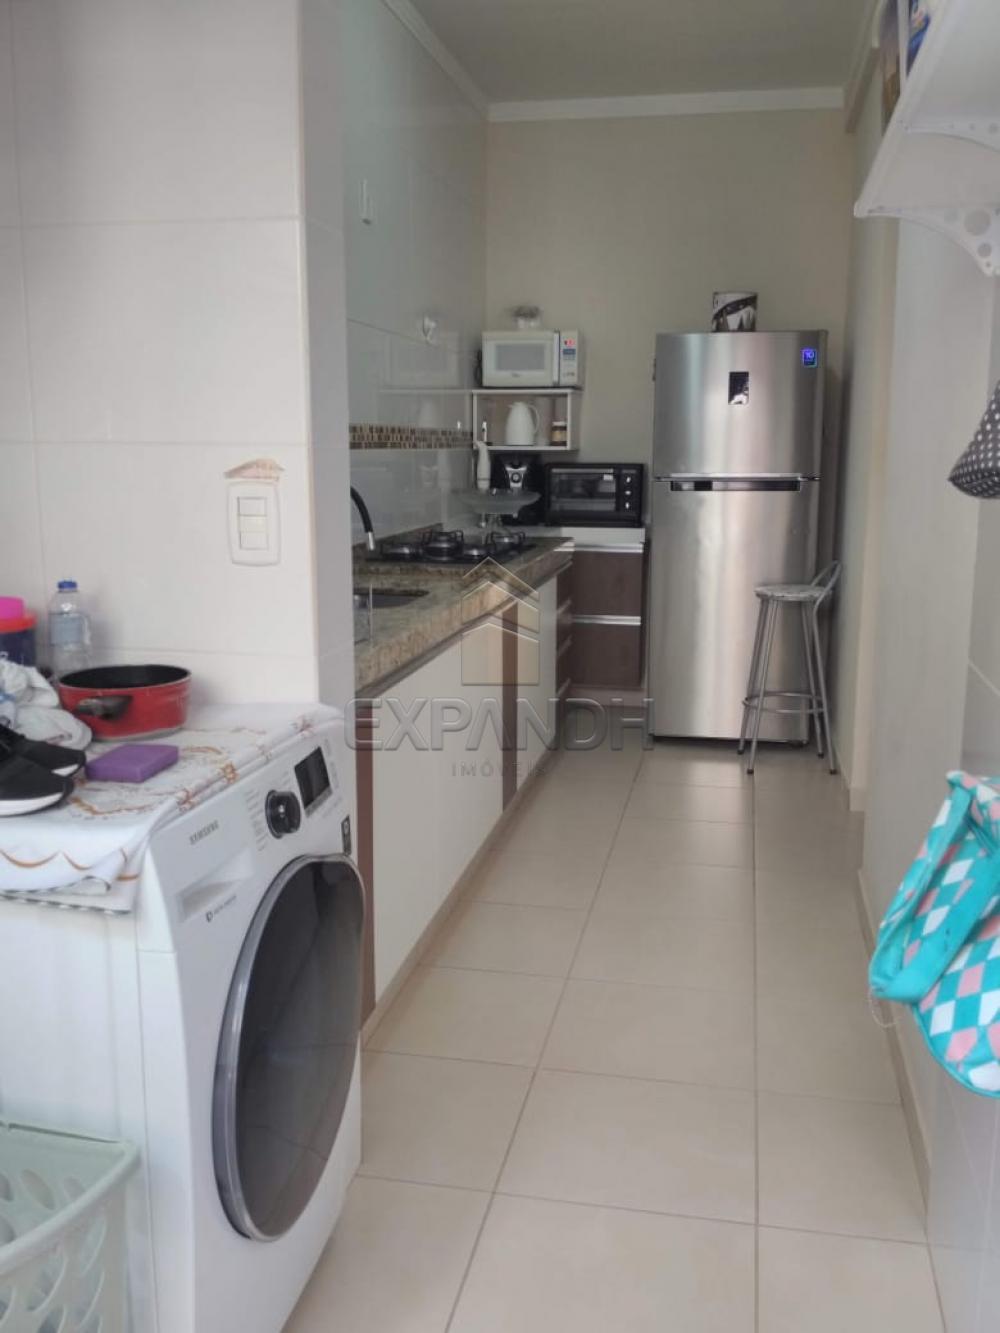 Comprar Apartamentos / Padrão em Sertãozinho apenas R$ 250.000,00 - Foto 18